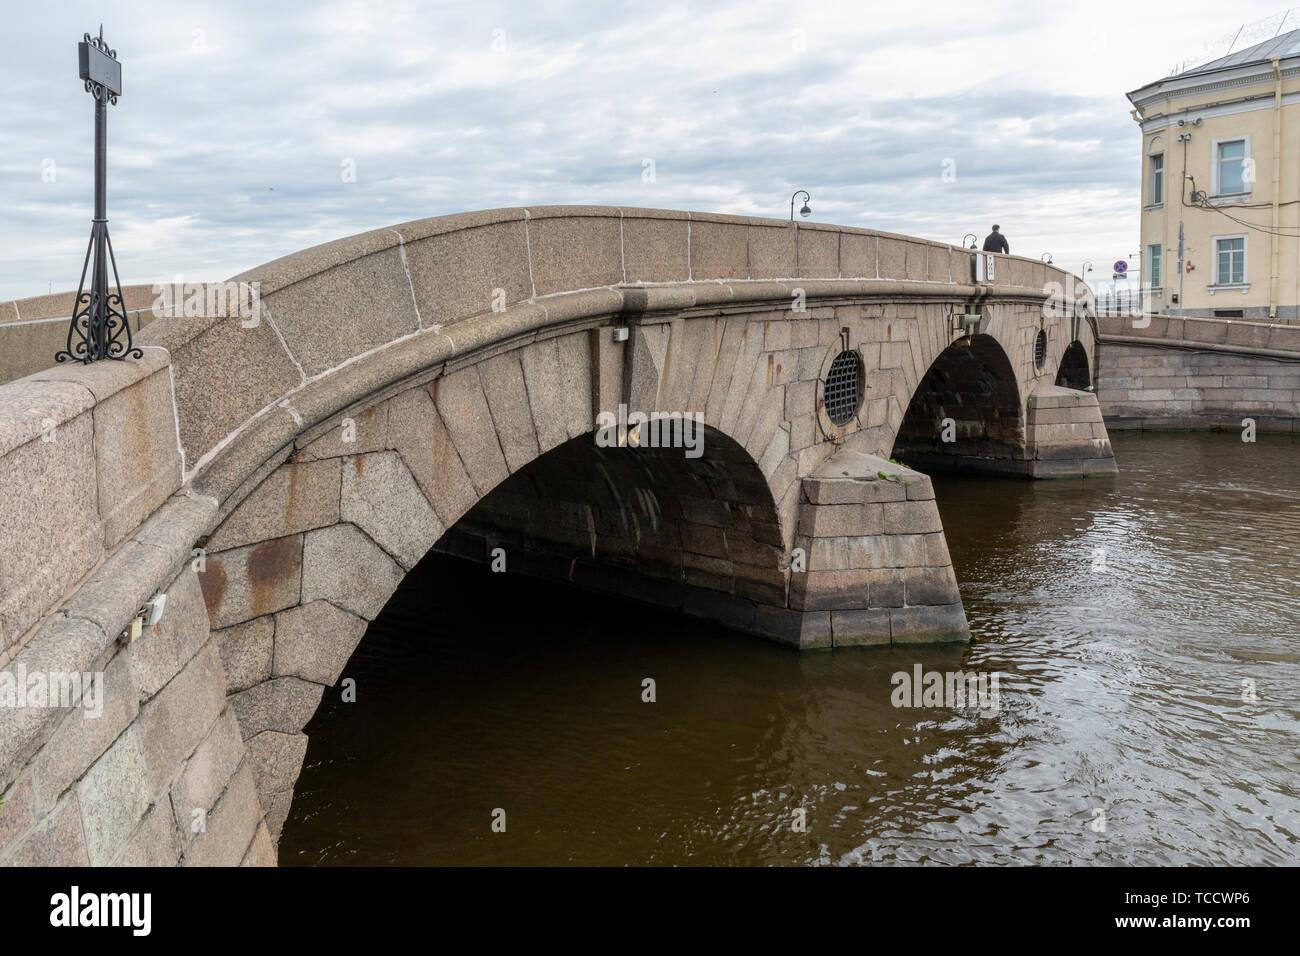 Lone cruce peatonal arco de piedra de puente sobre el río Fontanka en jardín de verano que conecta Palace & Kutuzov terraplenes, San Petersburgo, Rusia Foto de stock